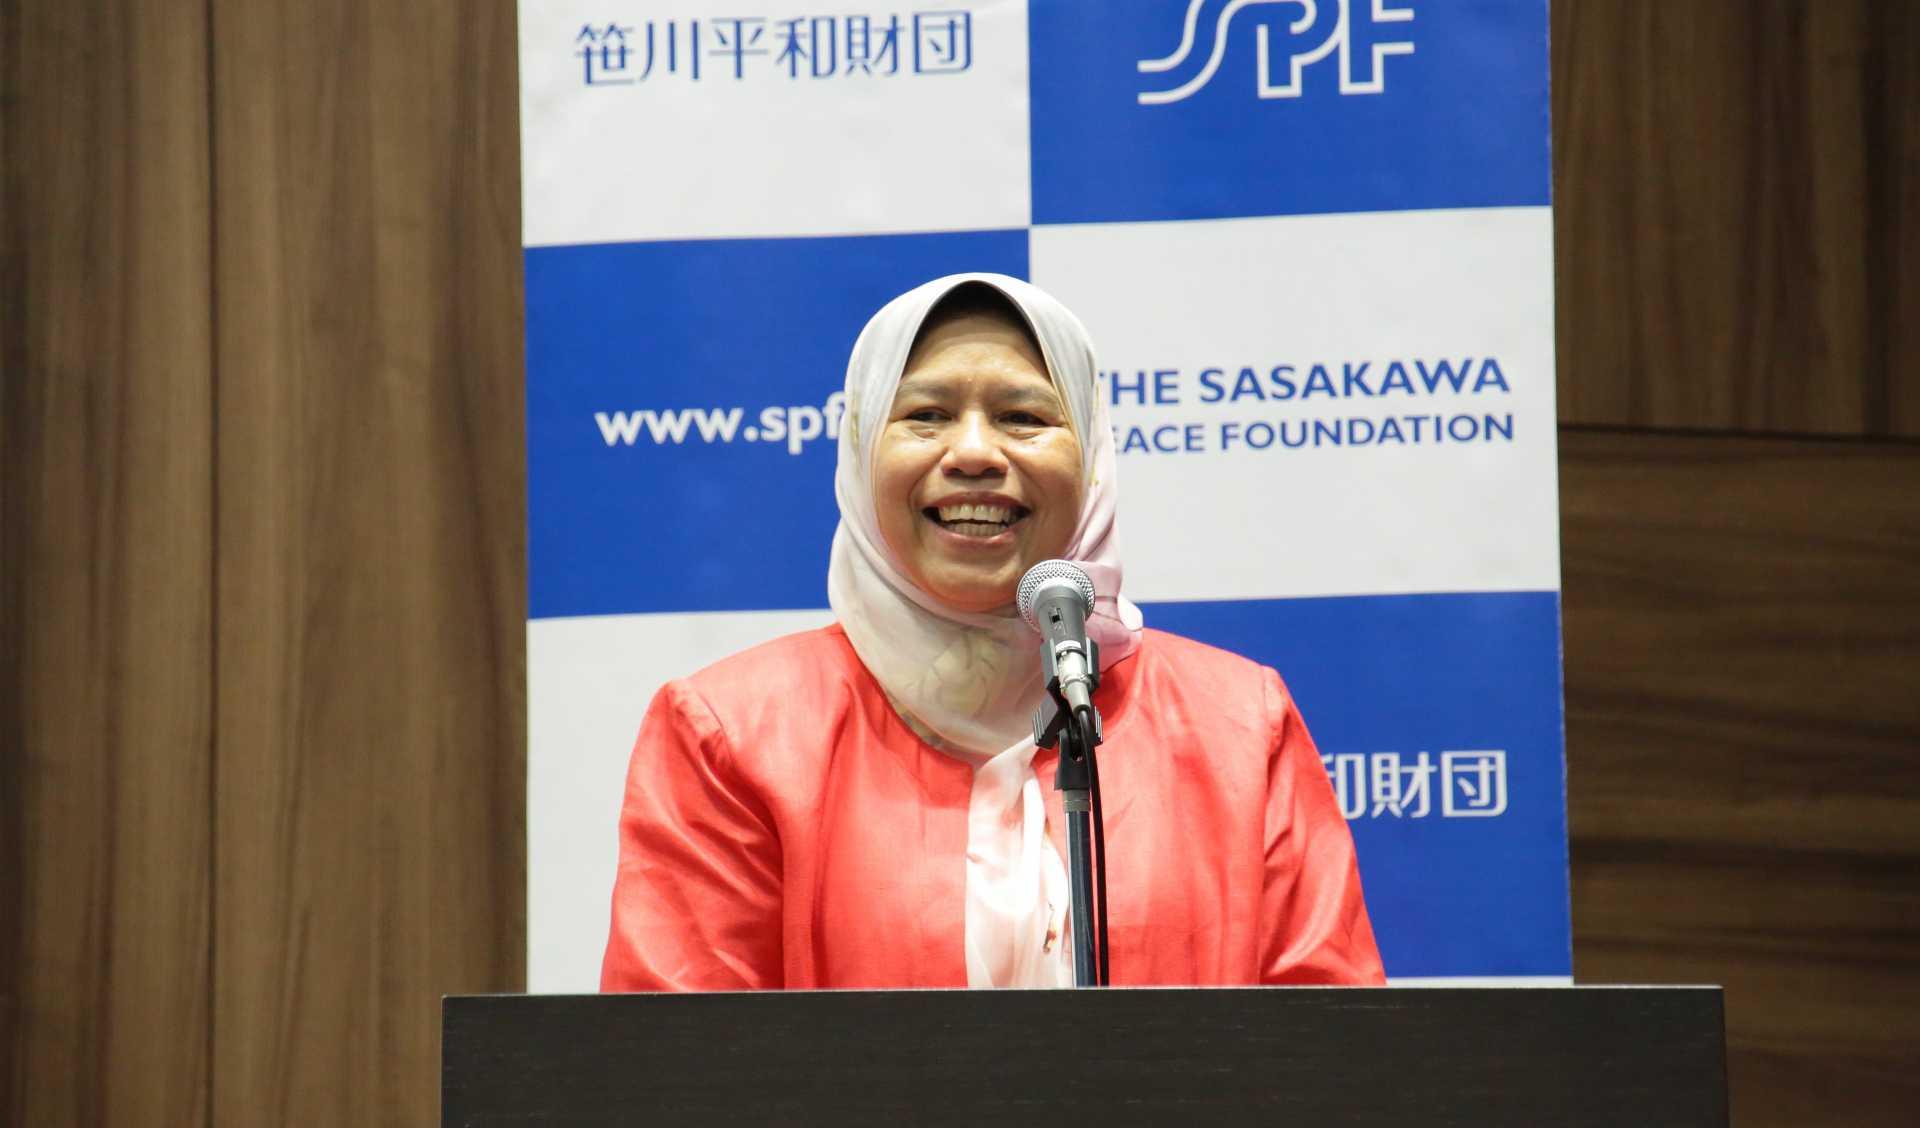 笹川平和財団主催「女性の政治参画への課題と展望」講演会<br>ズライダ・カマルディン(マレーシア住宅・地方政府大臣)基調講演